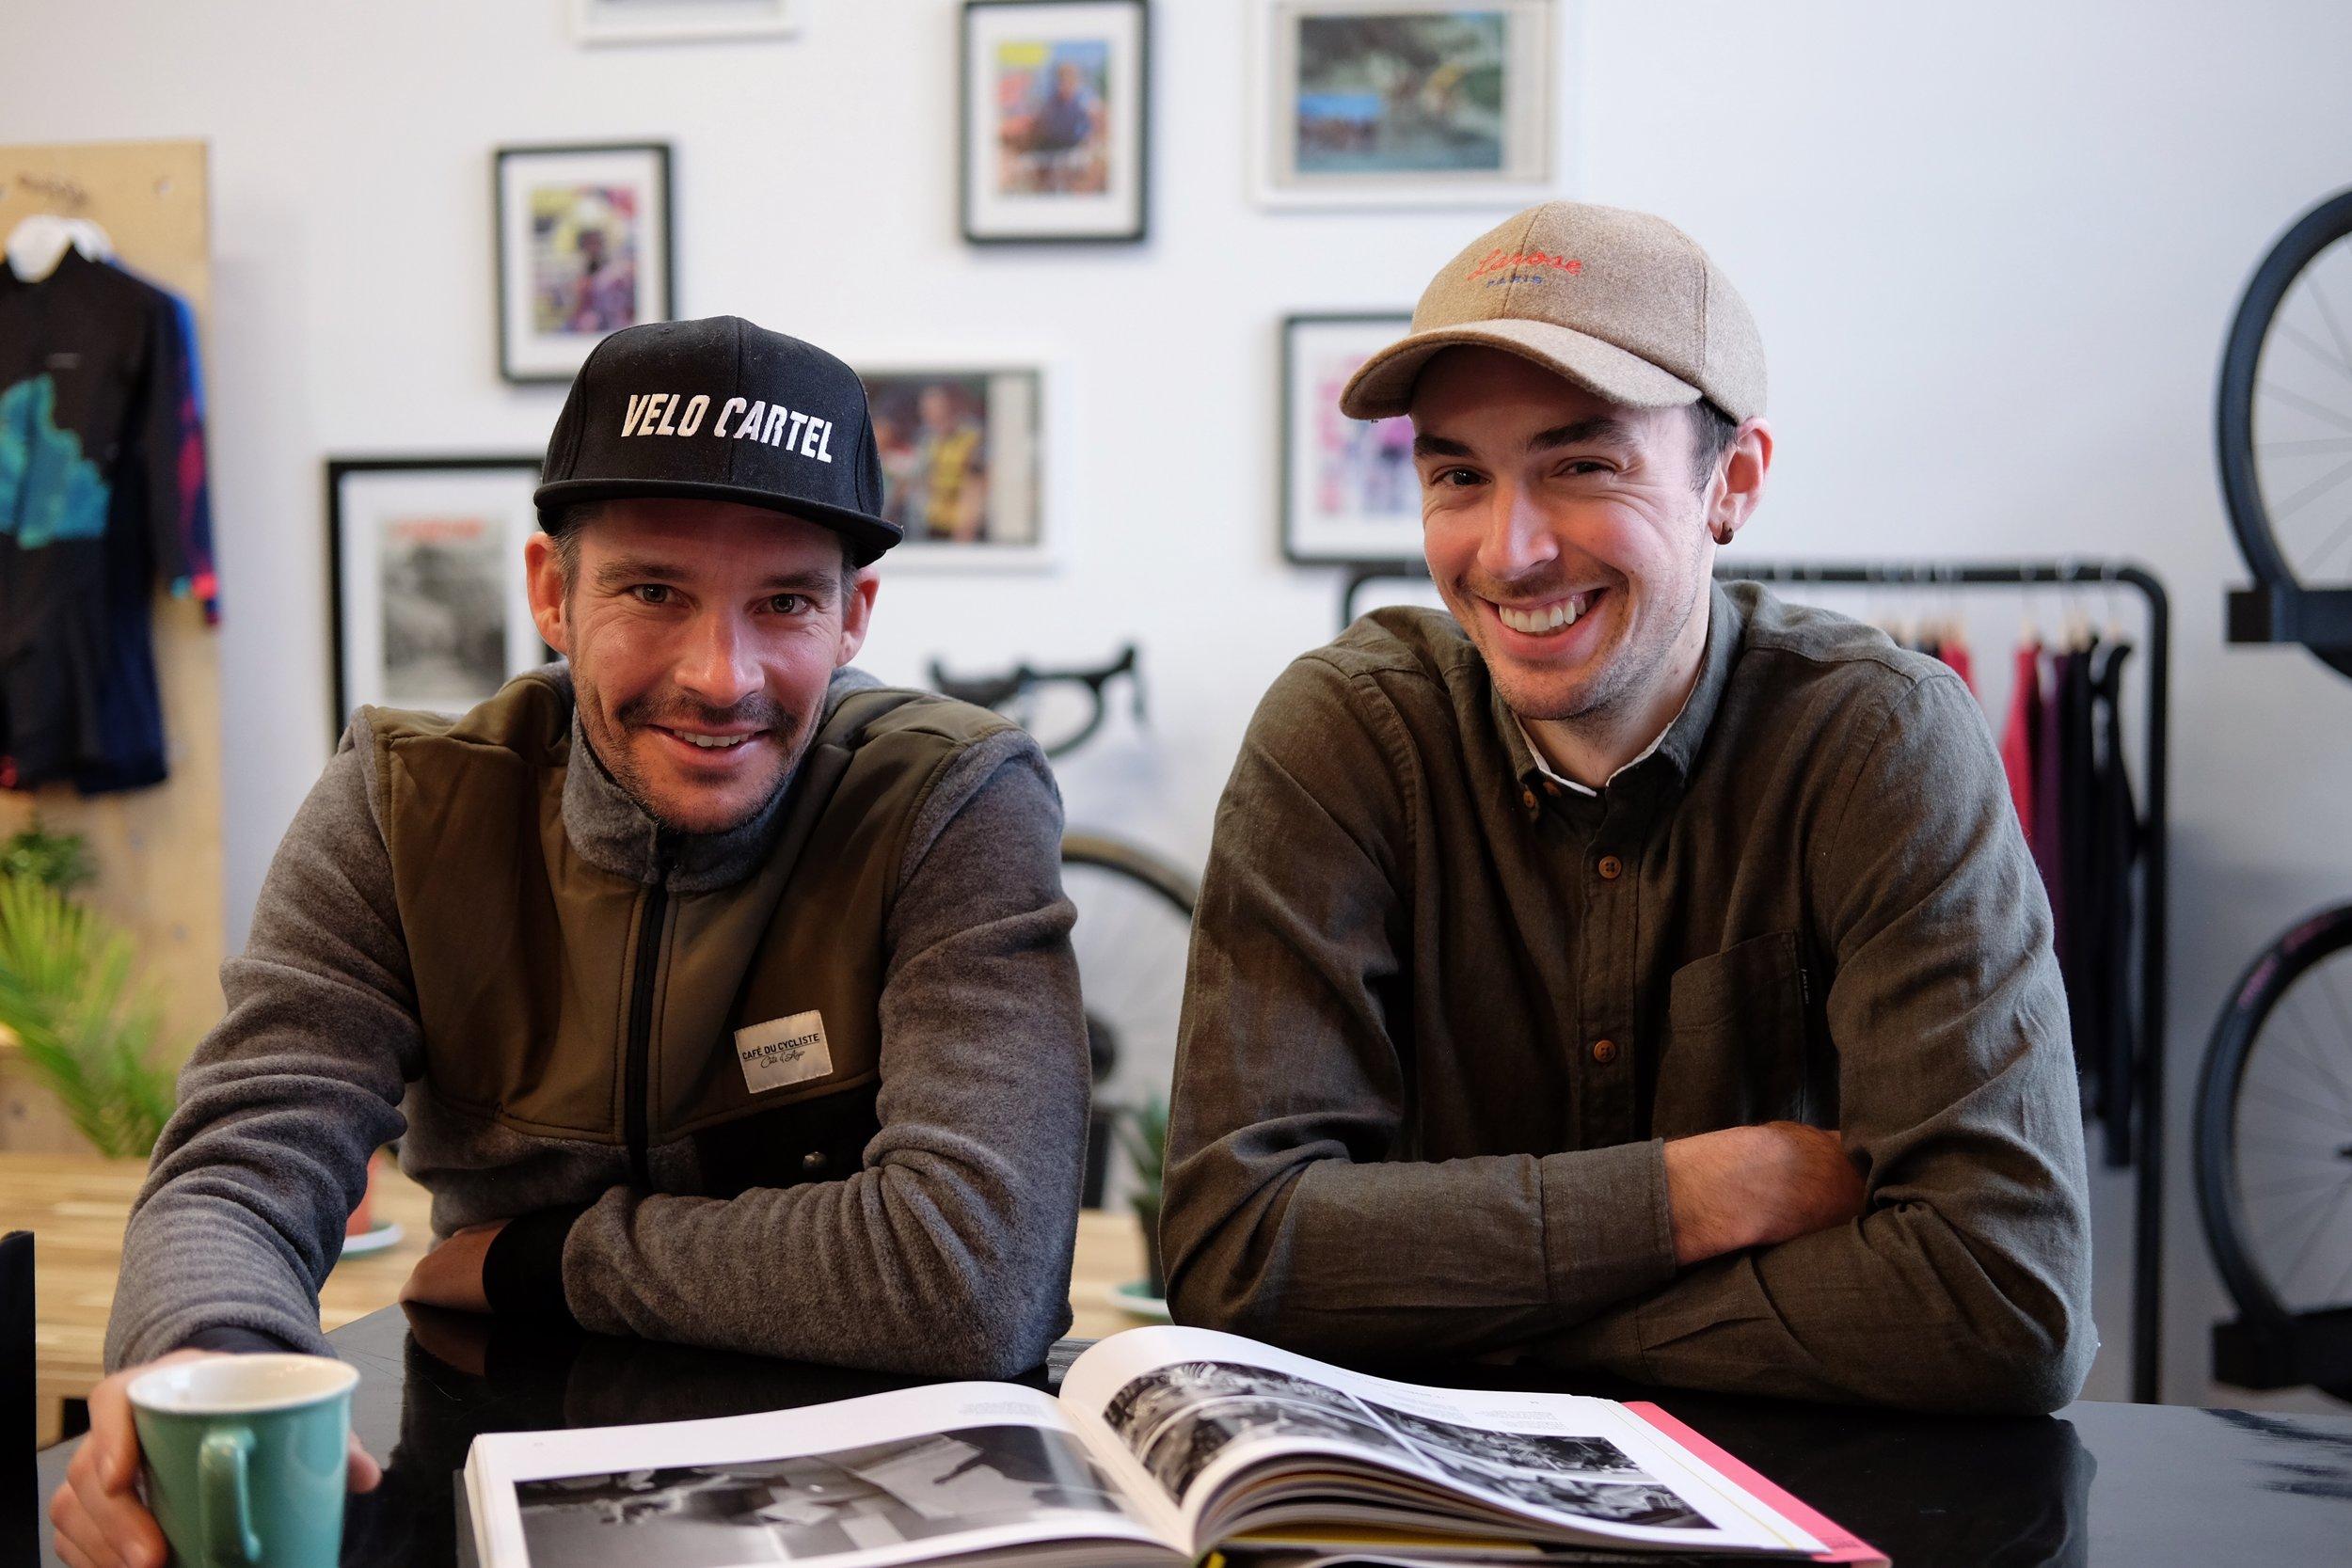 Bruno et Kevin, fondateurs de Vélo Cartel